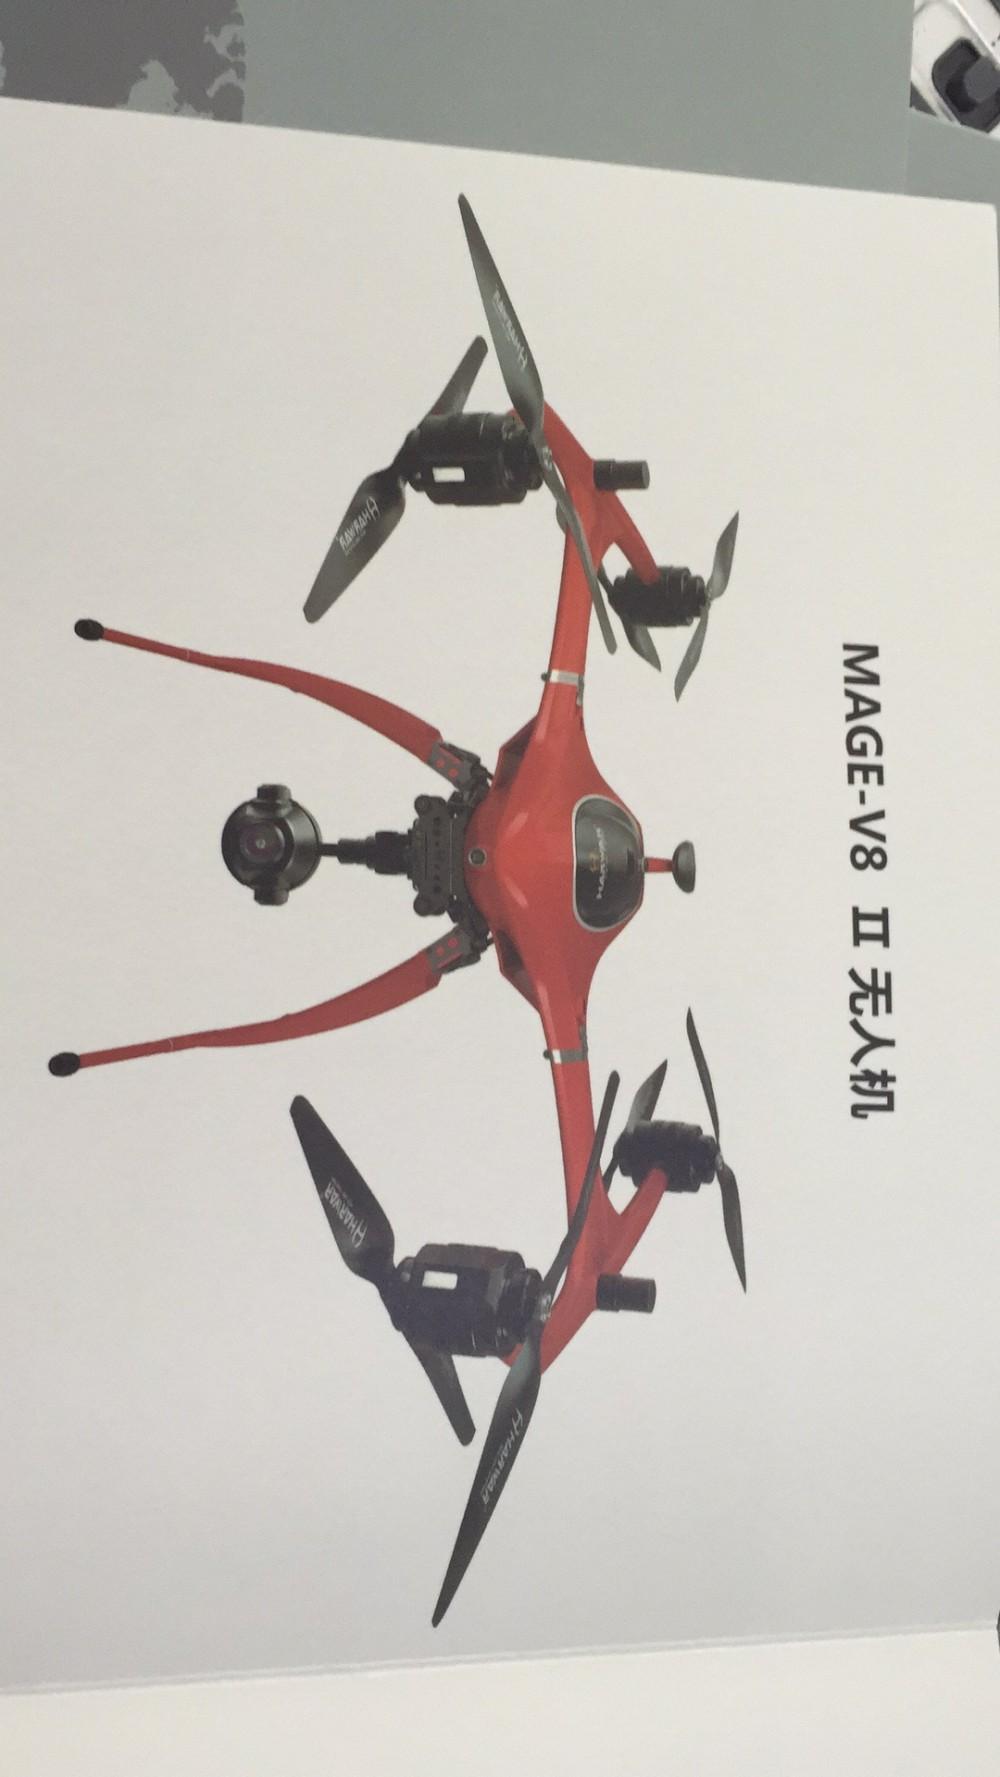 哈瓦無人機-智能測繪機